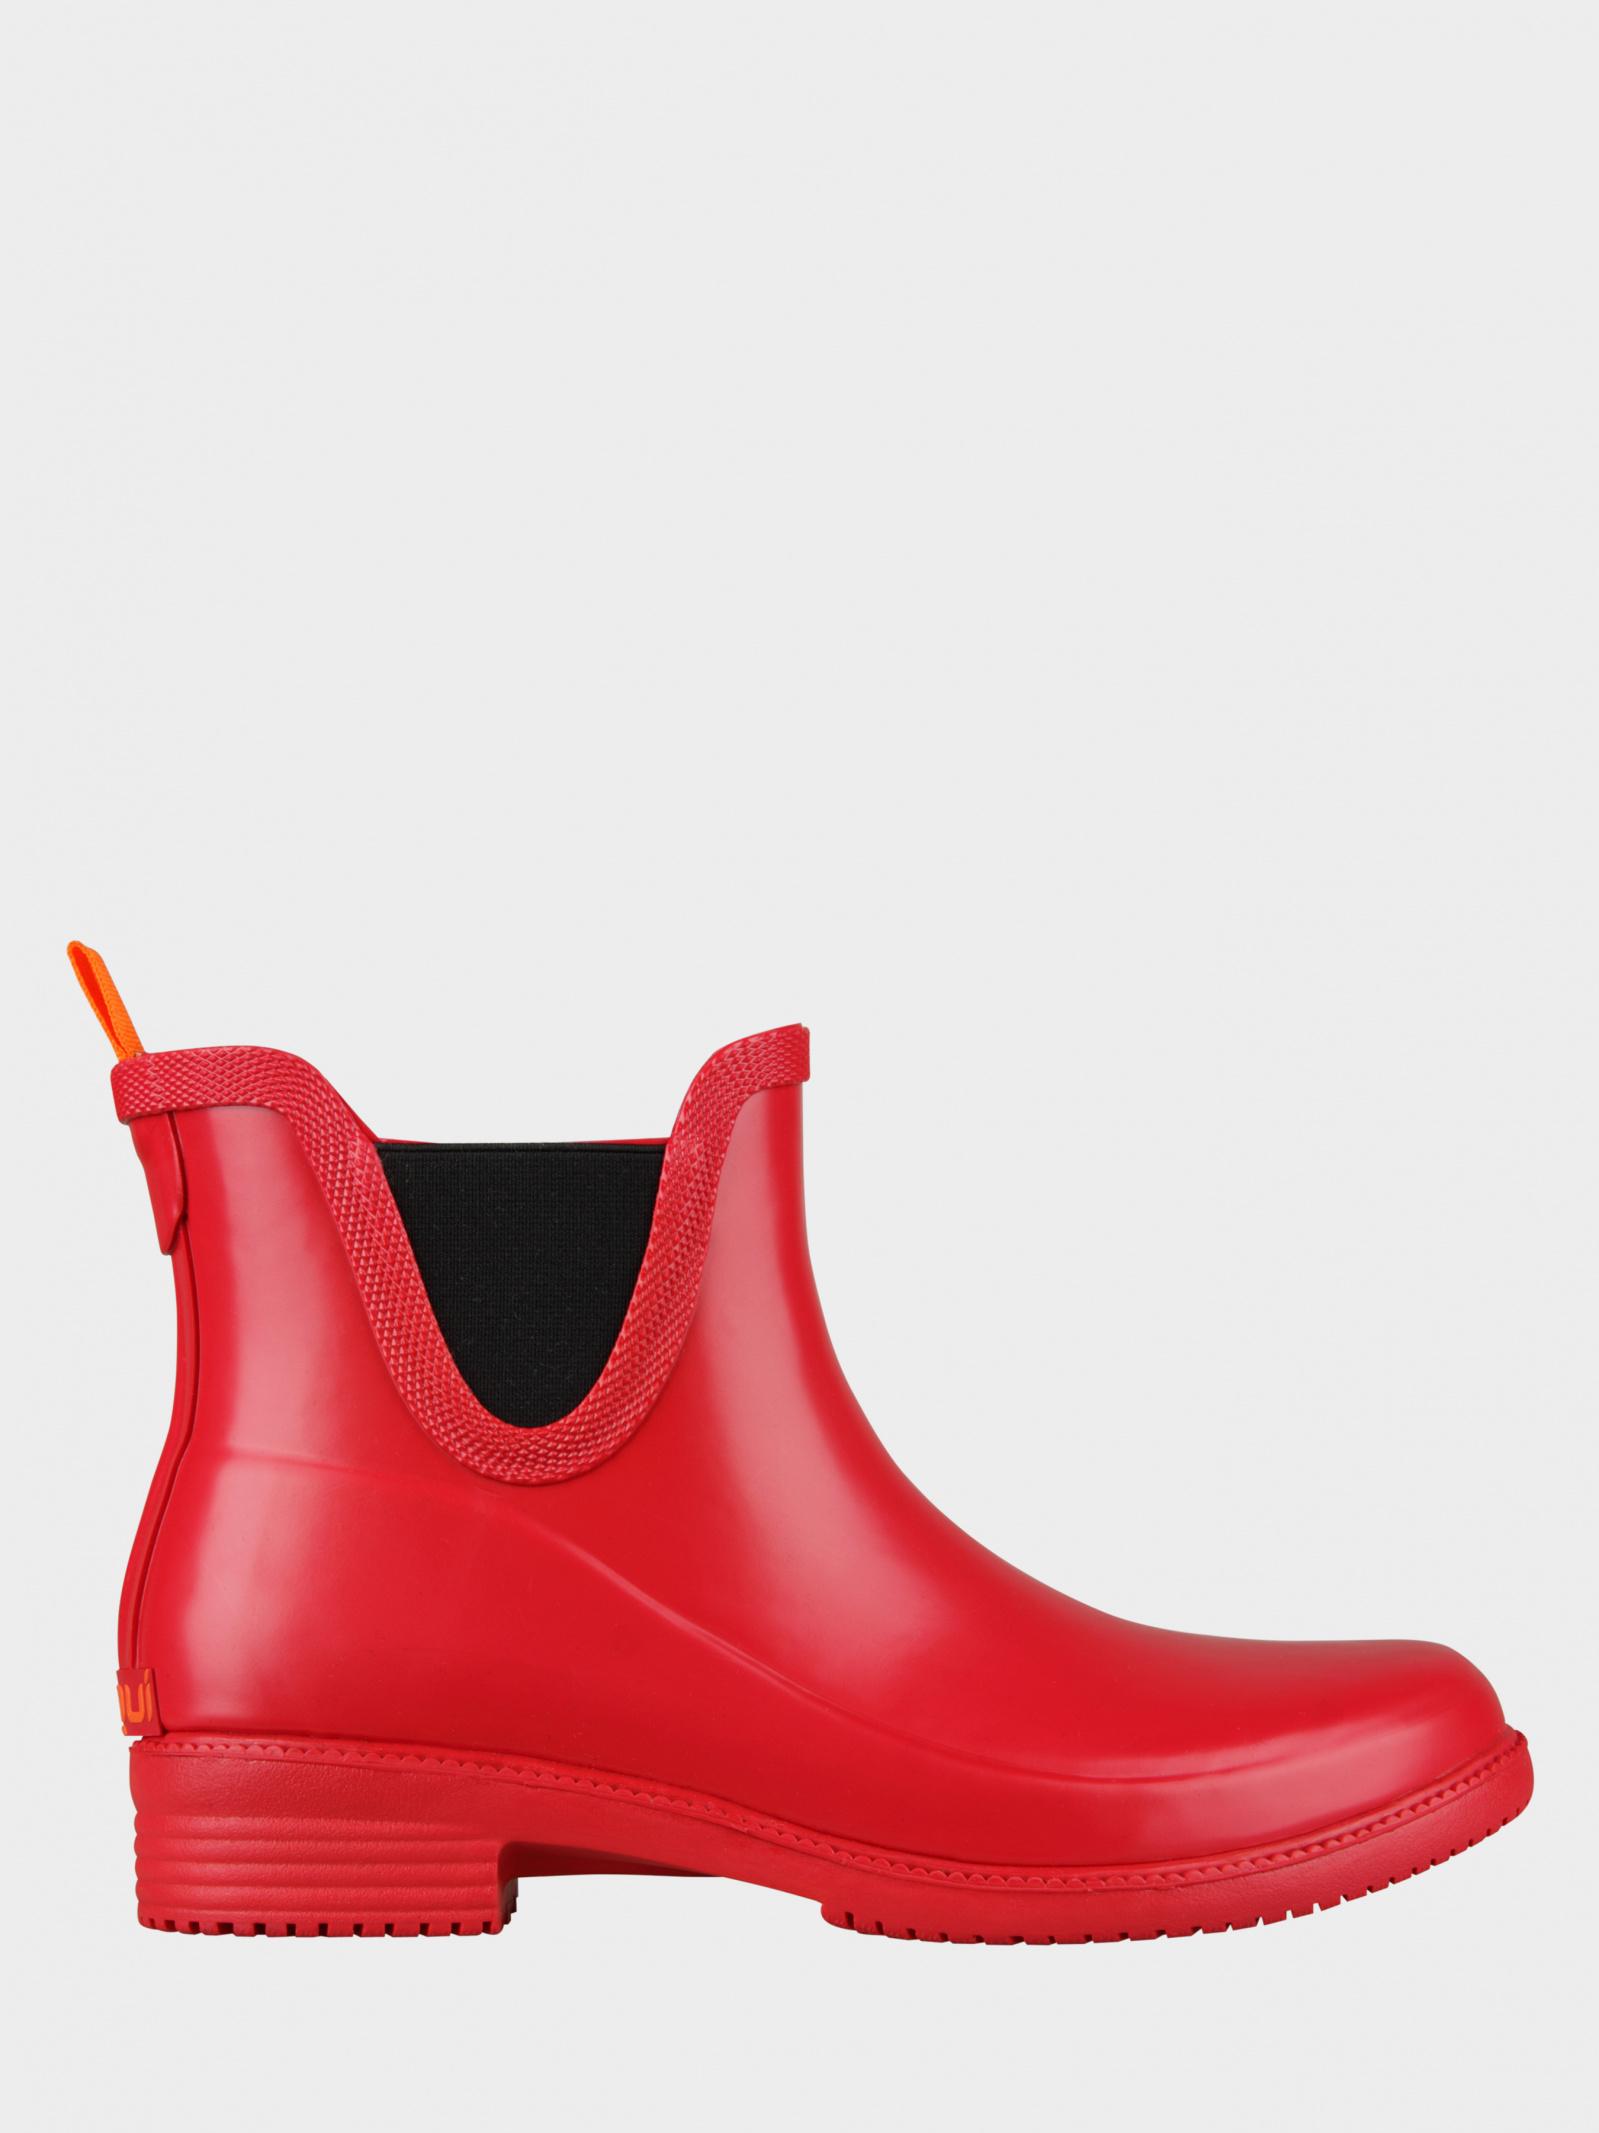 Резиновые сапоги для женщин COQUI 8355 модная обувь, 2017